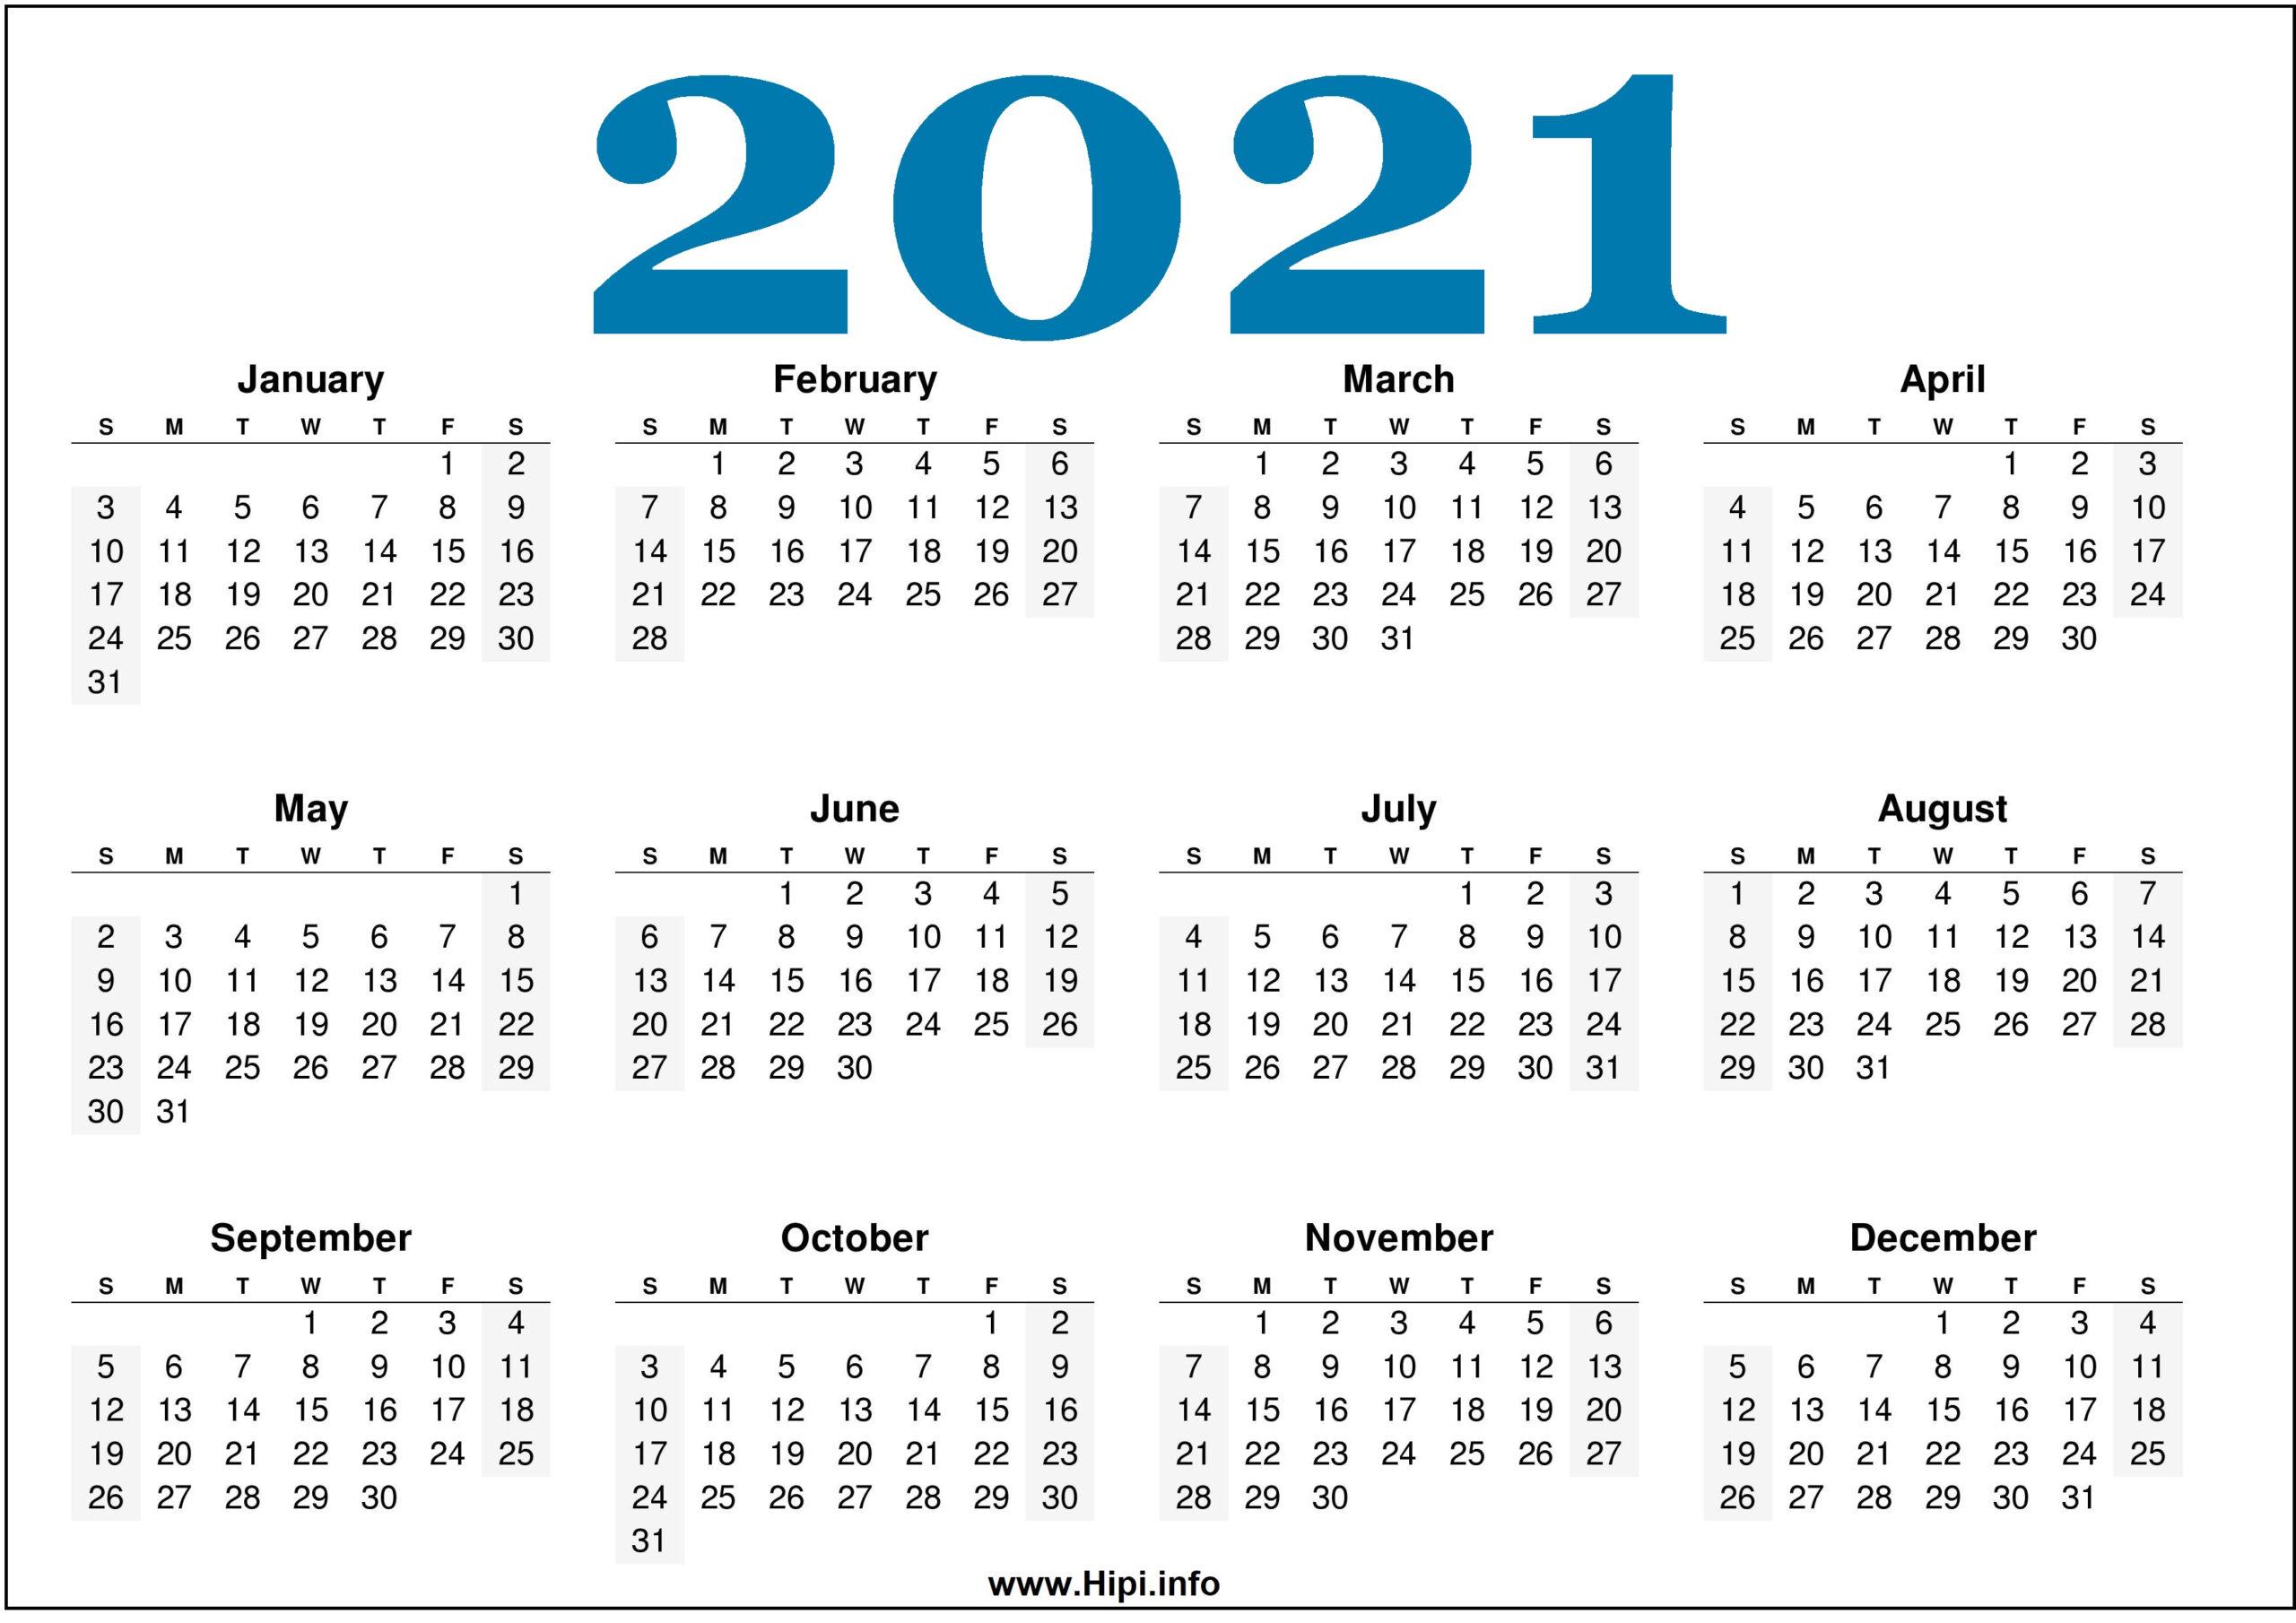 Free Printable 2021 Calendars Horizontal - Hipi